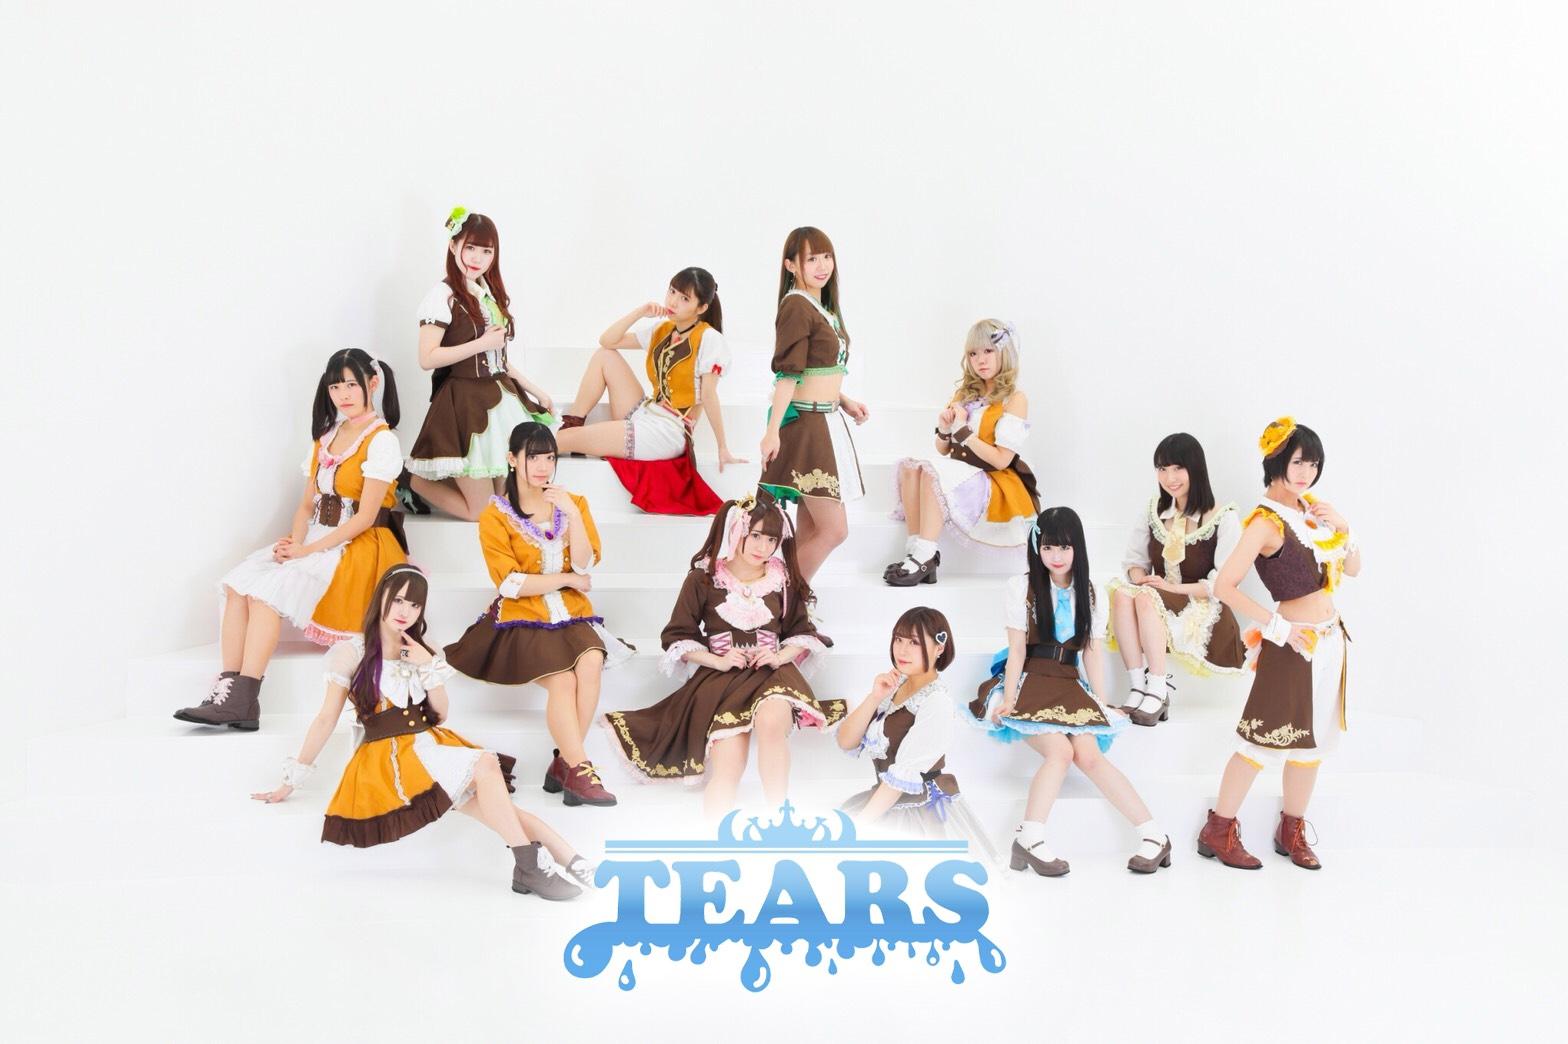 TEARS-ティアーズ- 振替公演〈公演中止/振替公演あり〉